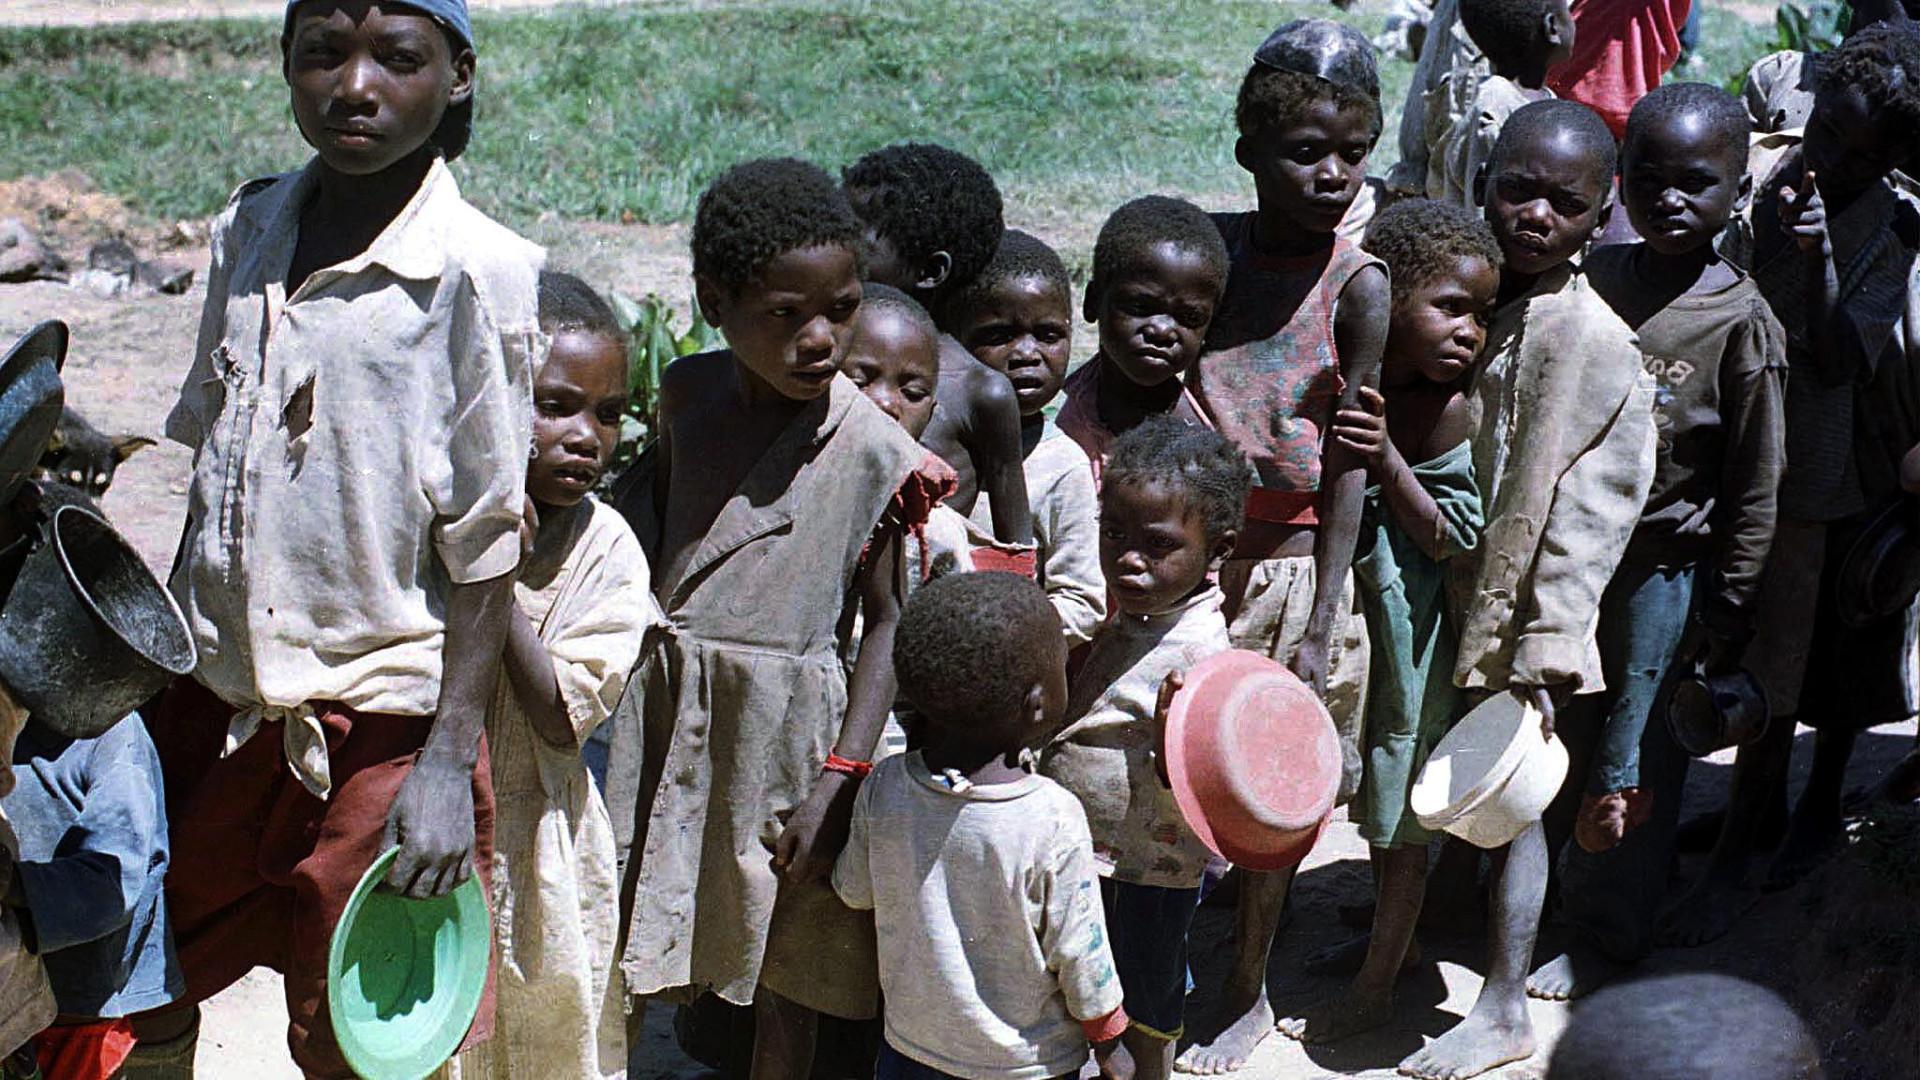 Metade das províncias angolanas enfrentam situação extrema de desnutrição